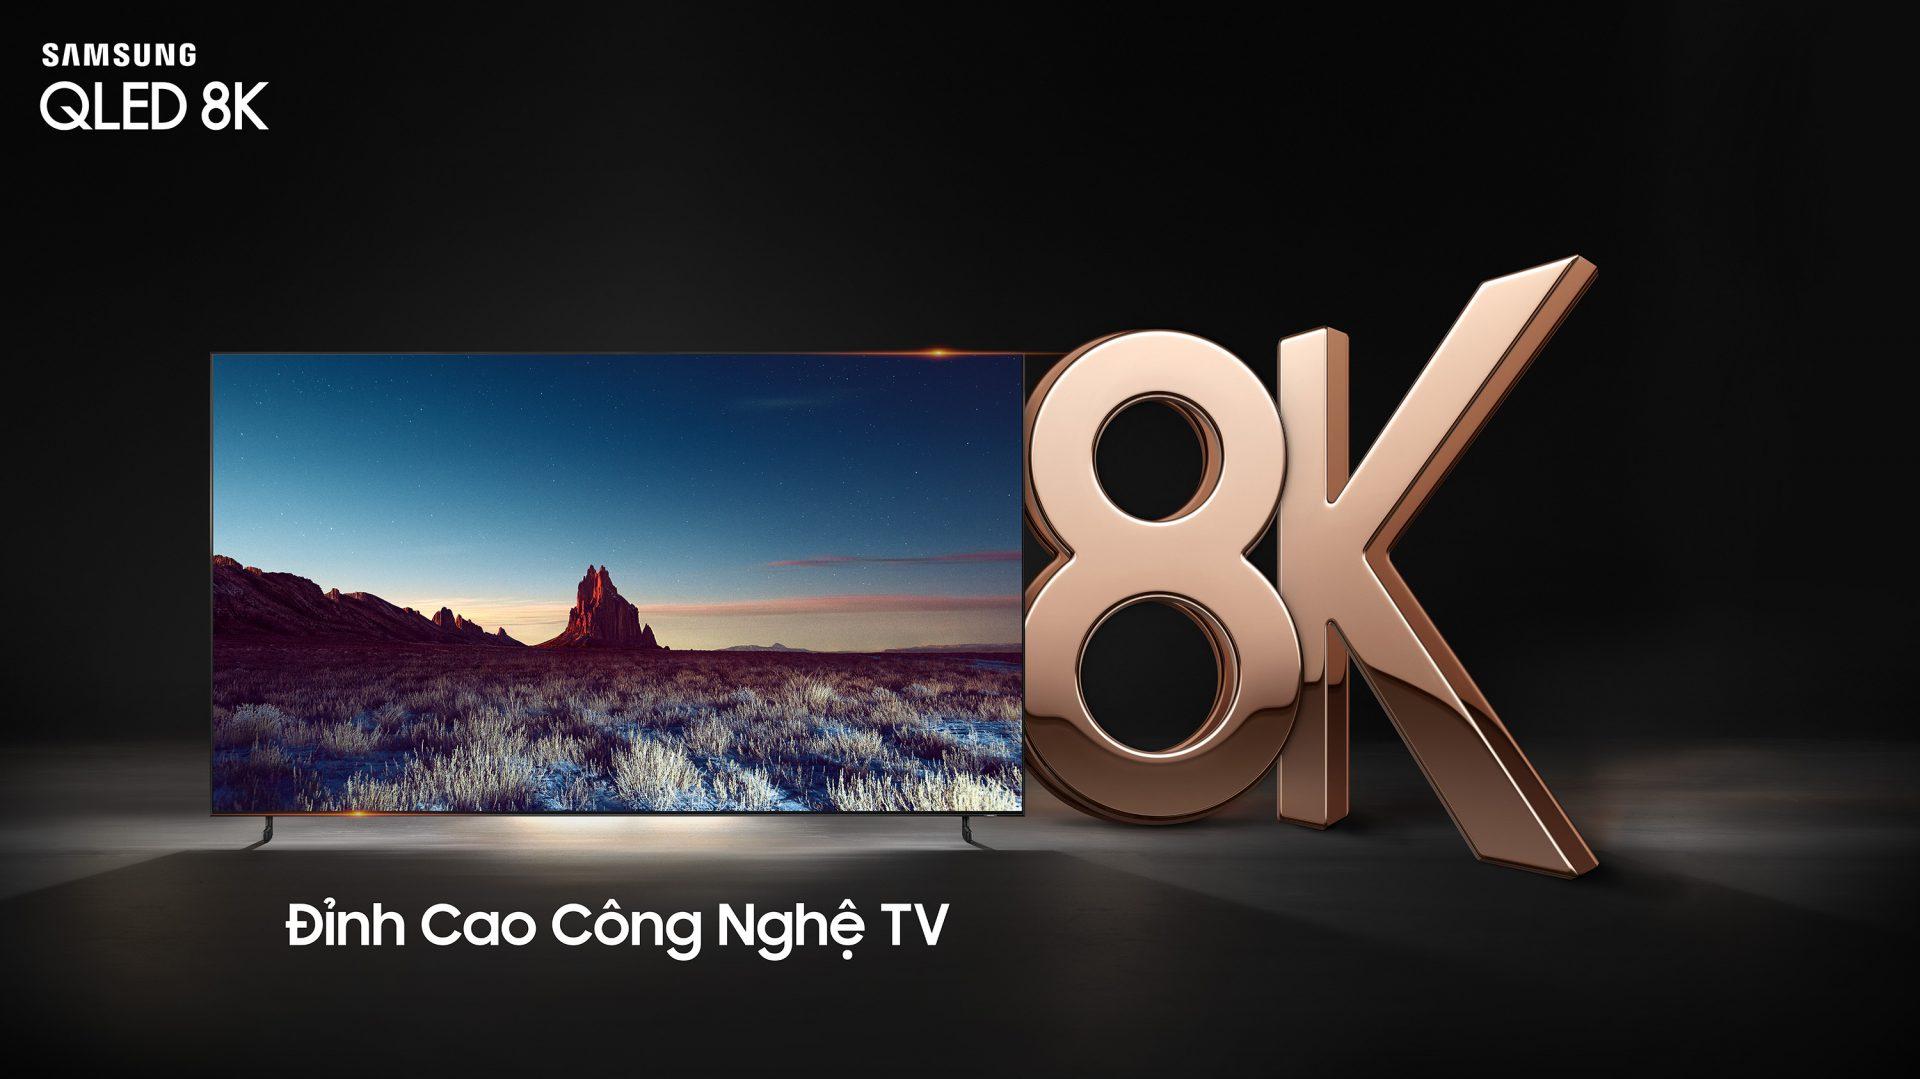 Samsung giới thiệu QLED 8K tại Việt Nam: giá từ 119 triệu, tặng ngay Galaxy S10+